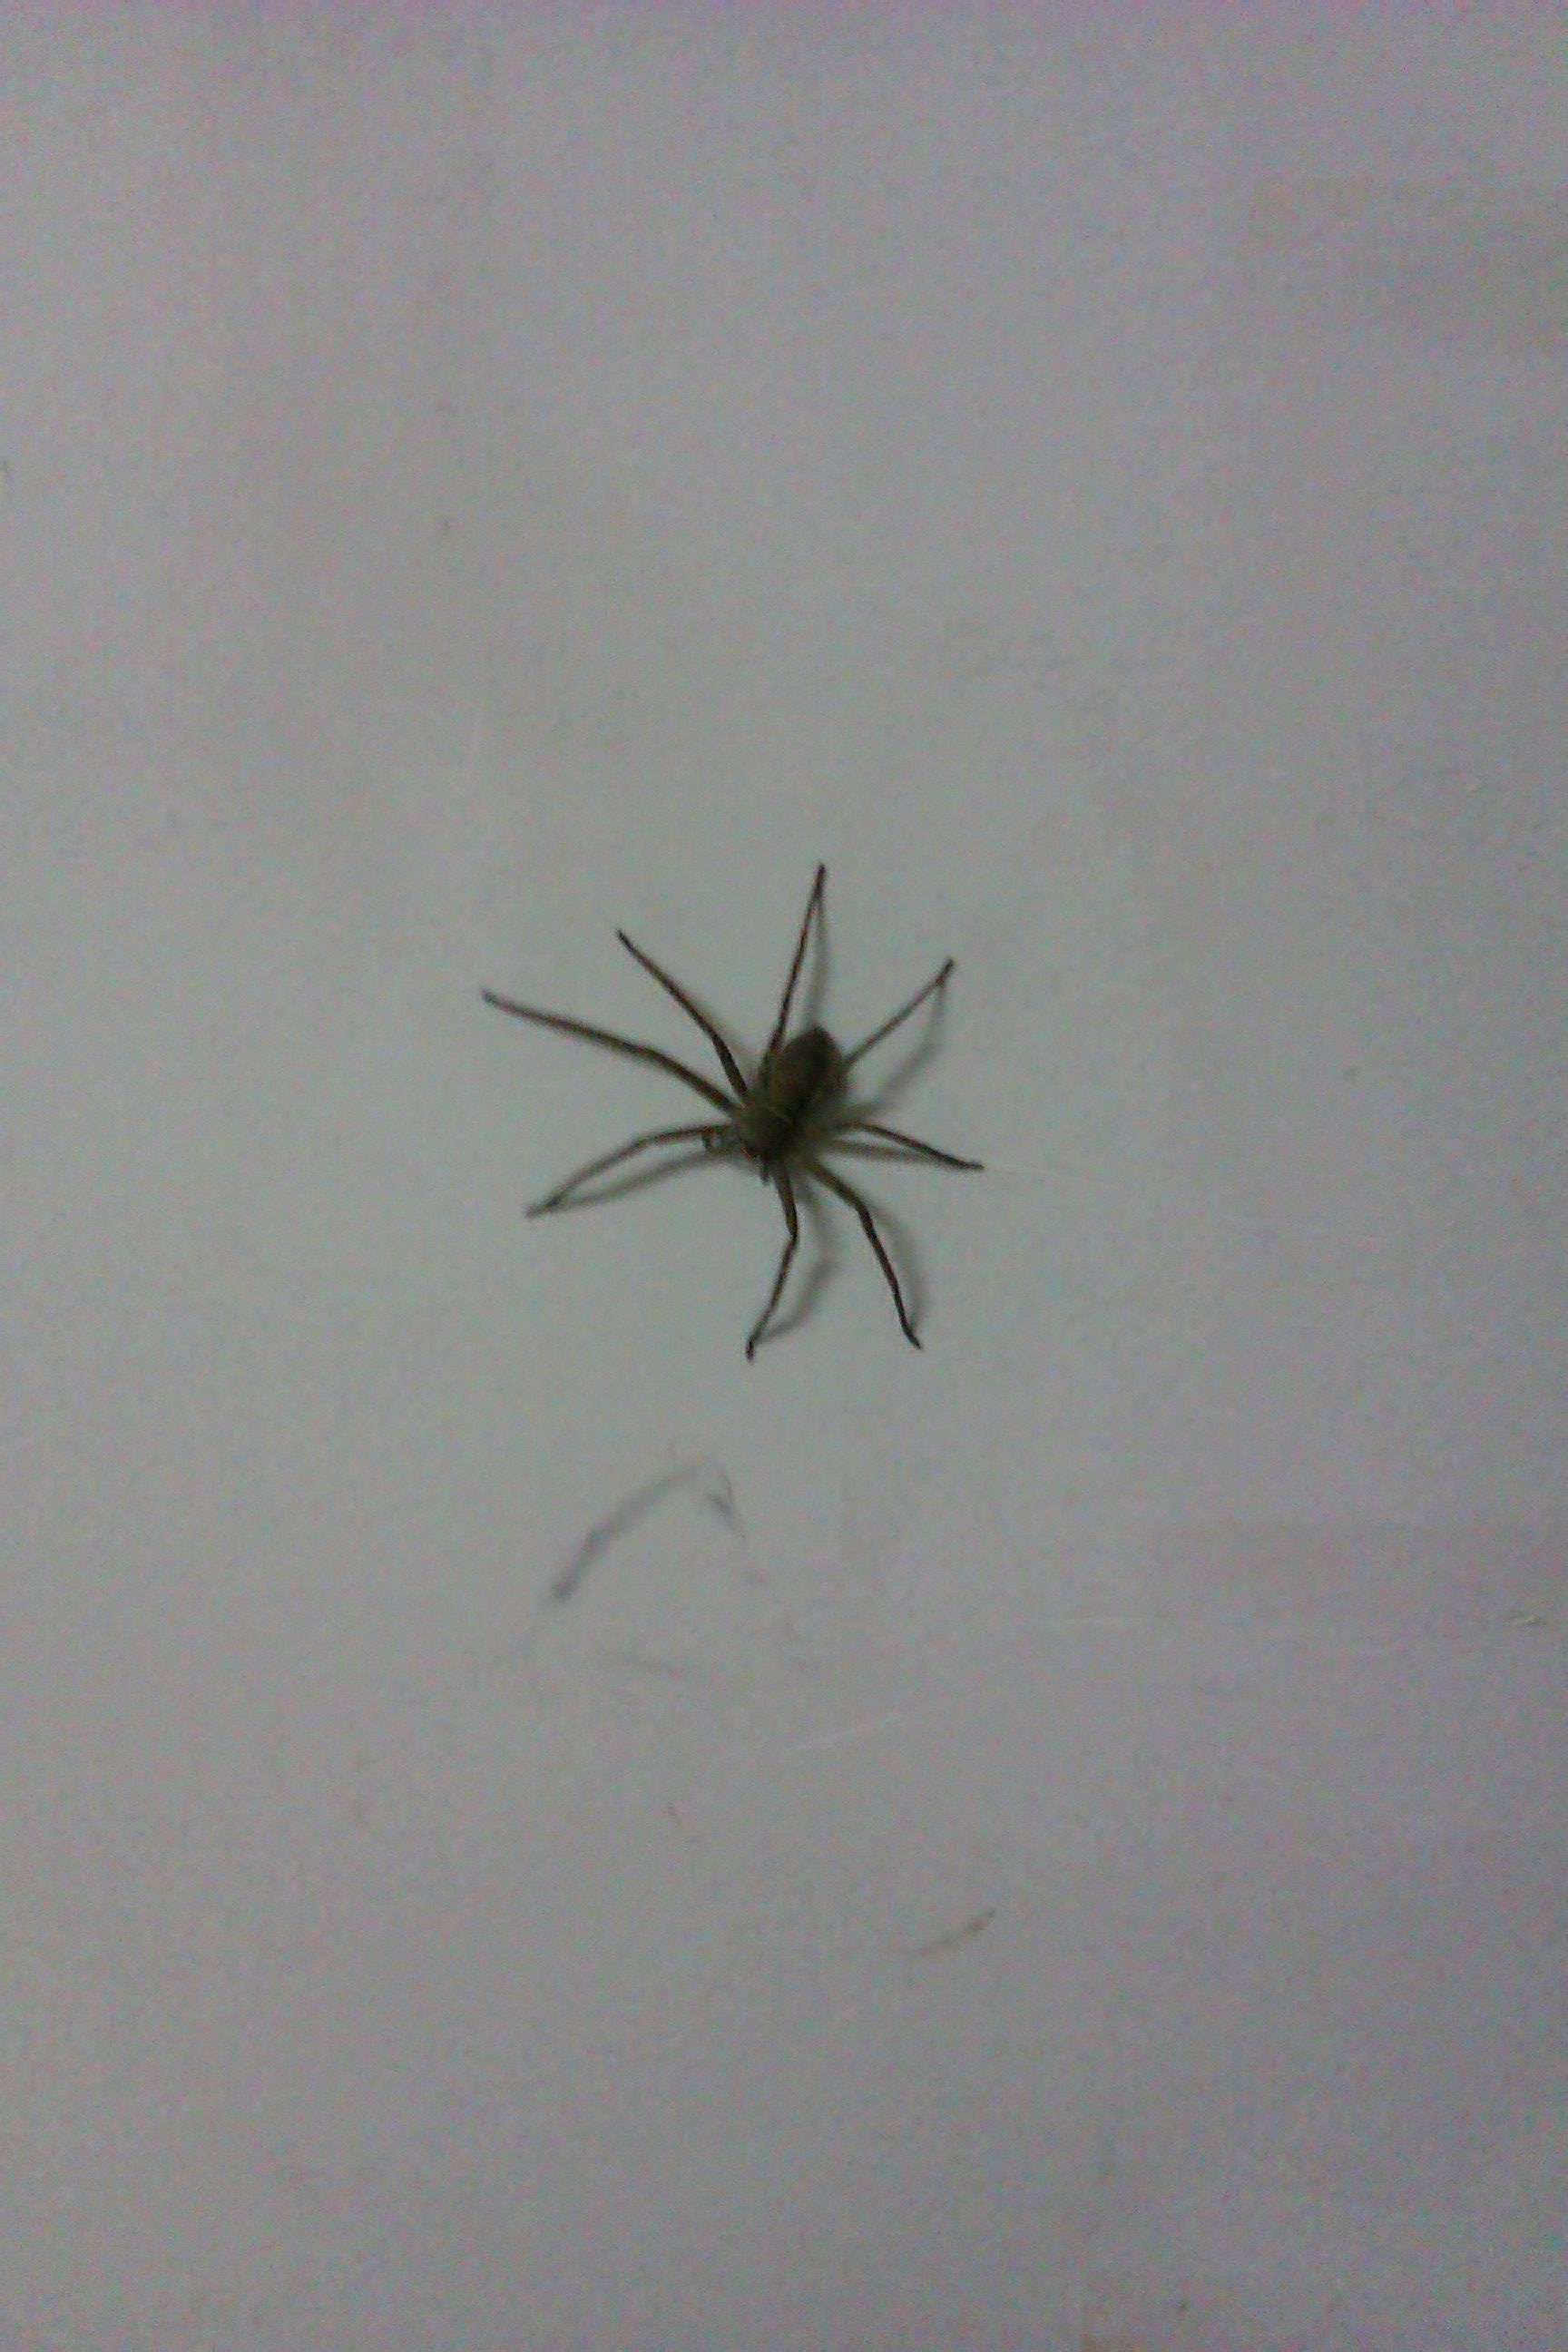 大蜘蛛图片_大蜘蛛在家里的图片_家里有个巴掌大的 ...